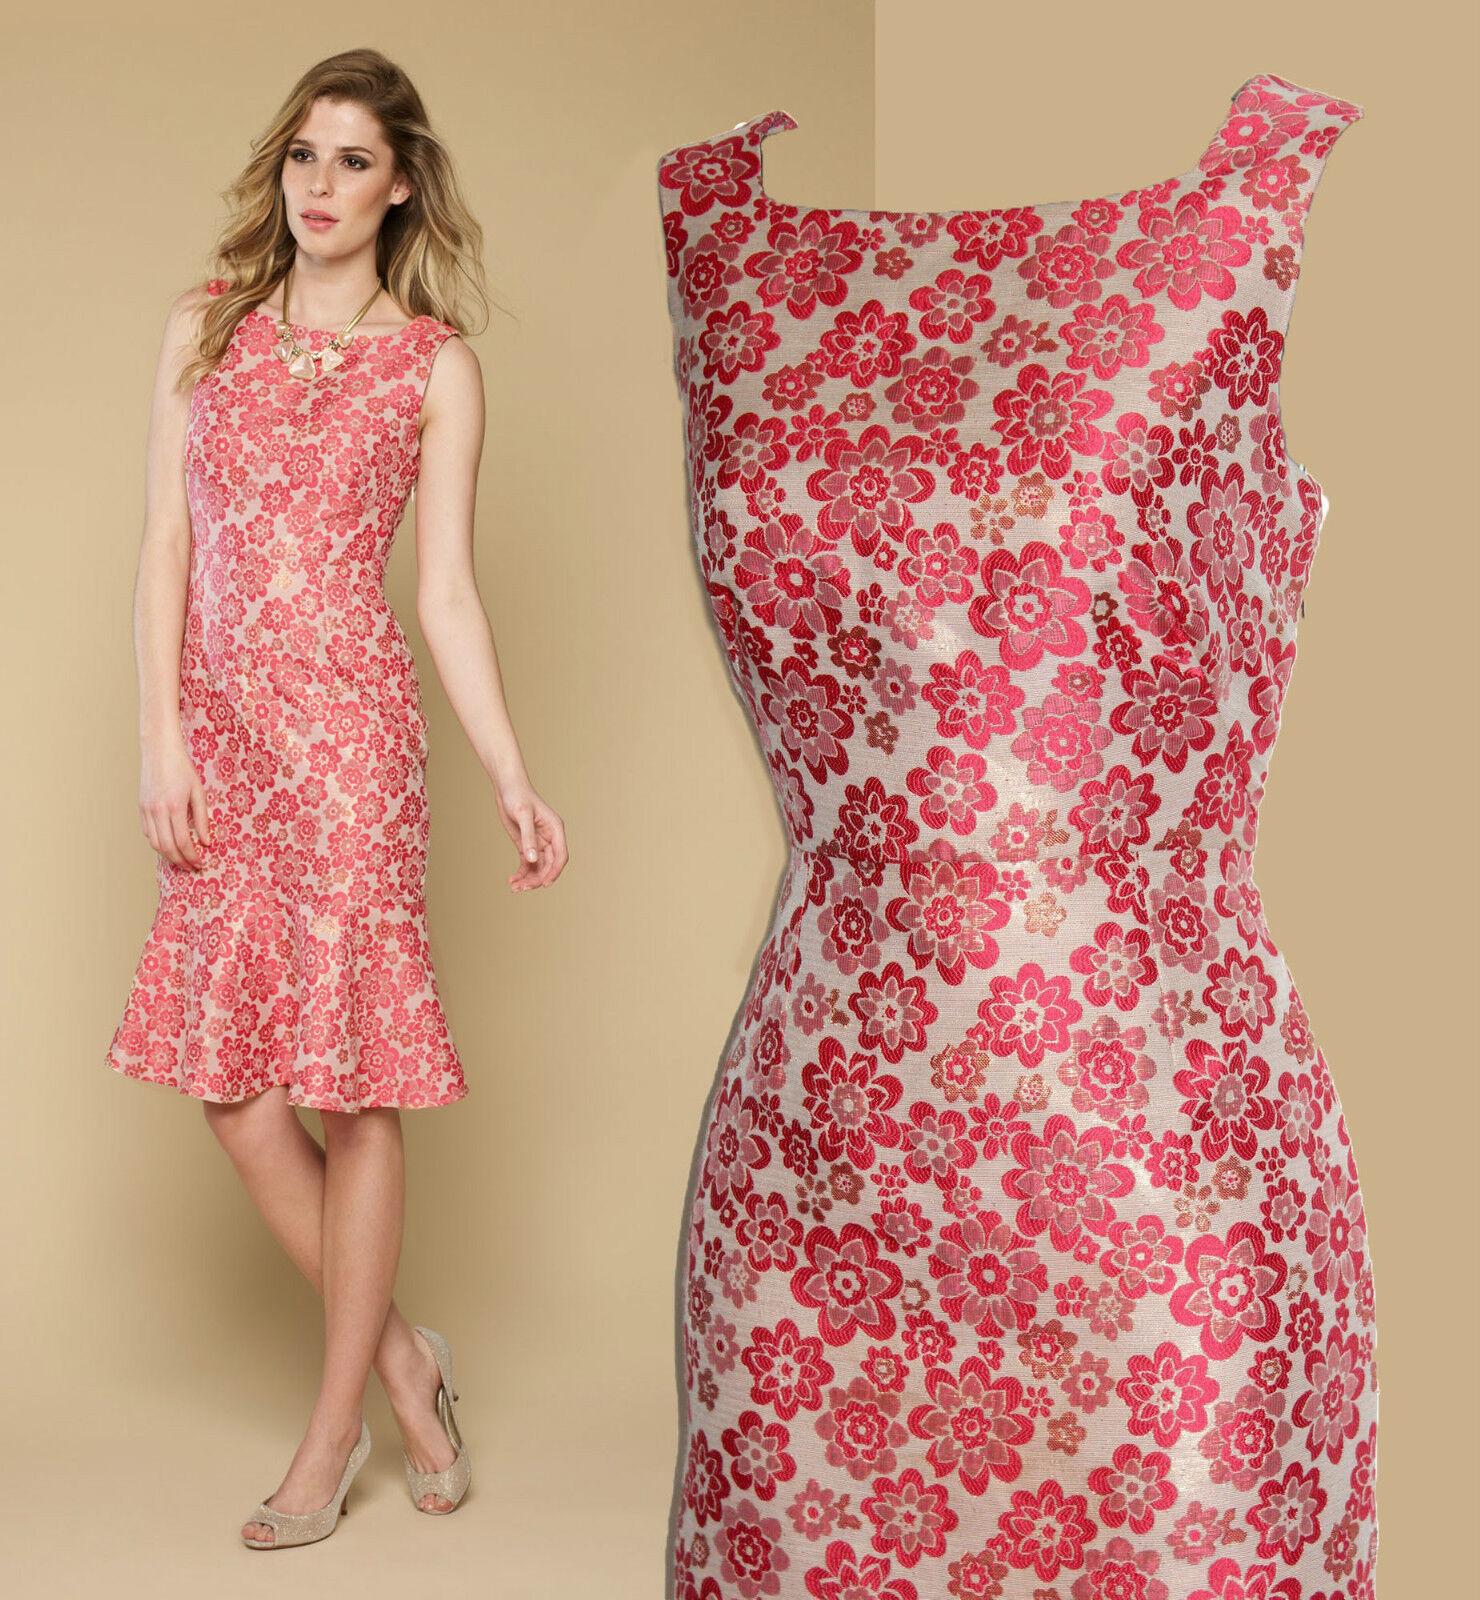 MONSOON Rosa Carnation Style Open Back Jacquard Shimmering Flattering Dress UK10